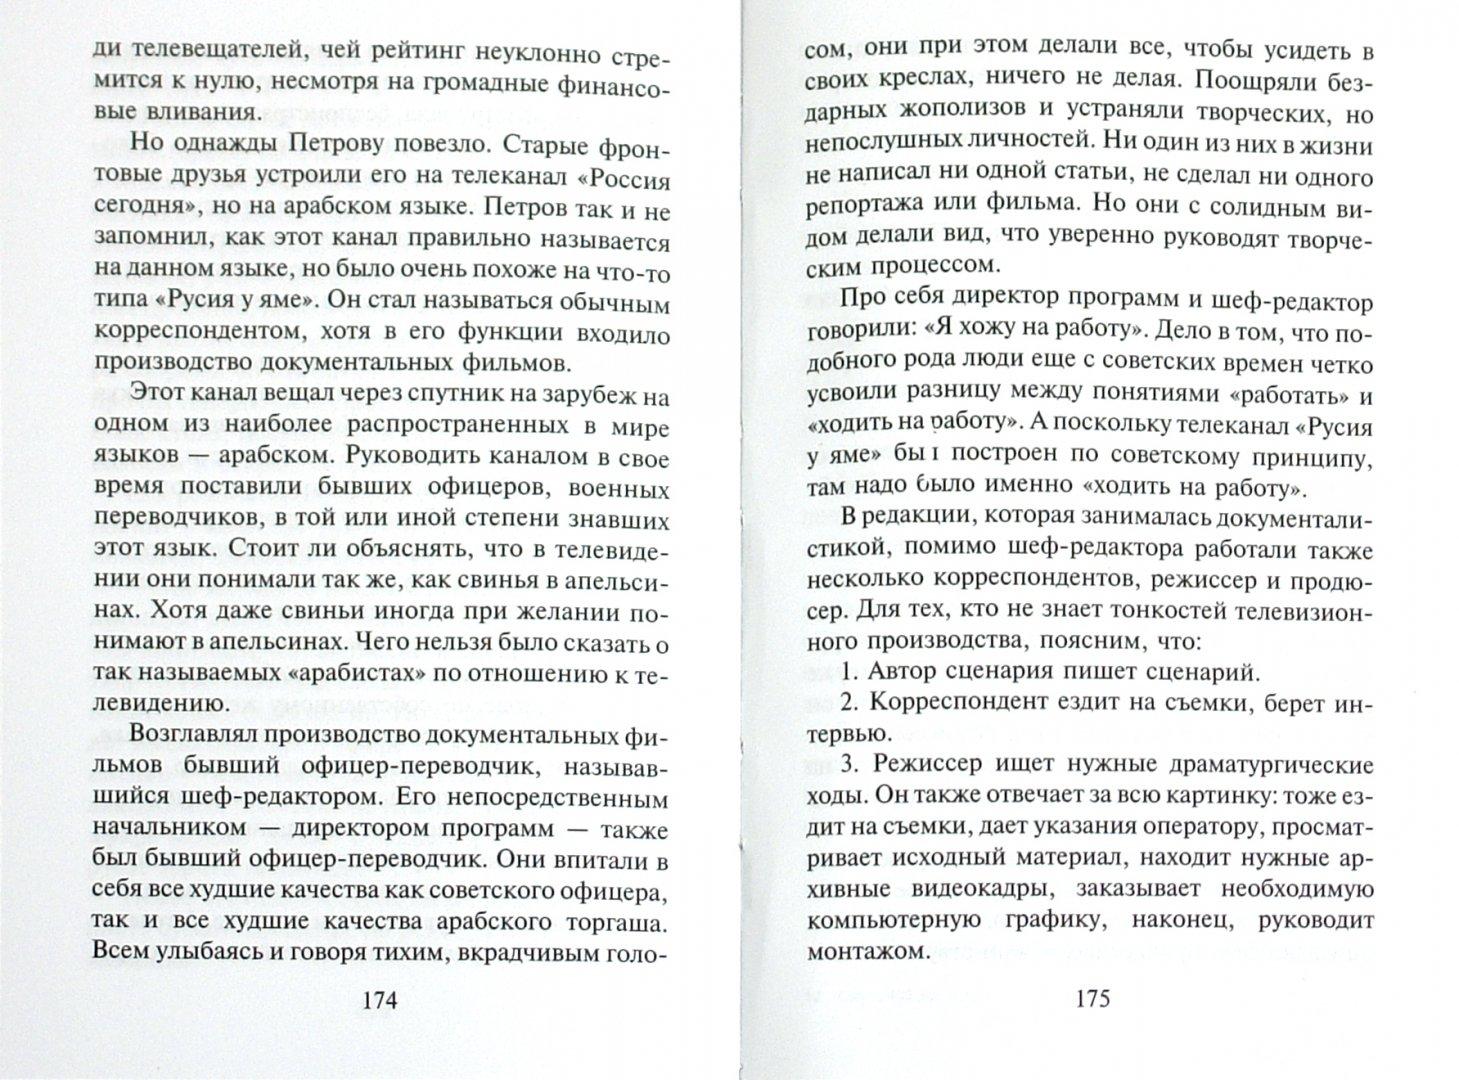 Иллюстрация 1 из 4 для Смута 400 лет спустя - Александр Поклад   Лабиринт - книги. Источник: Лабиринт